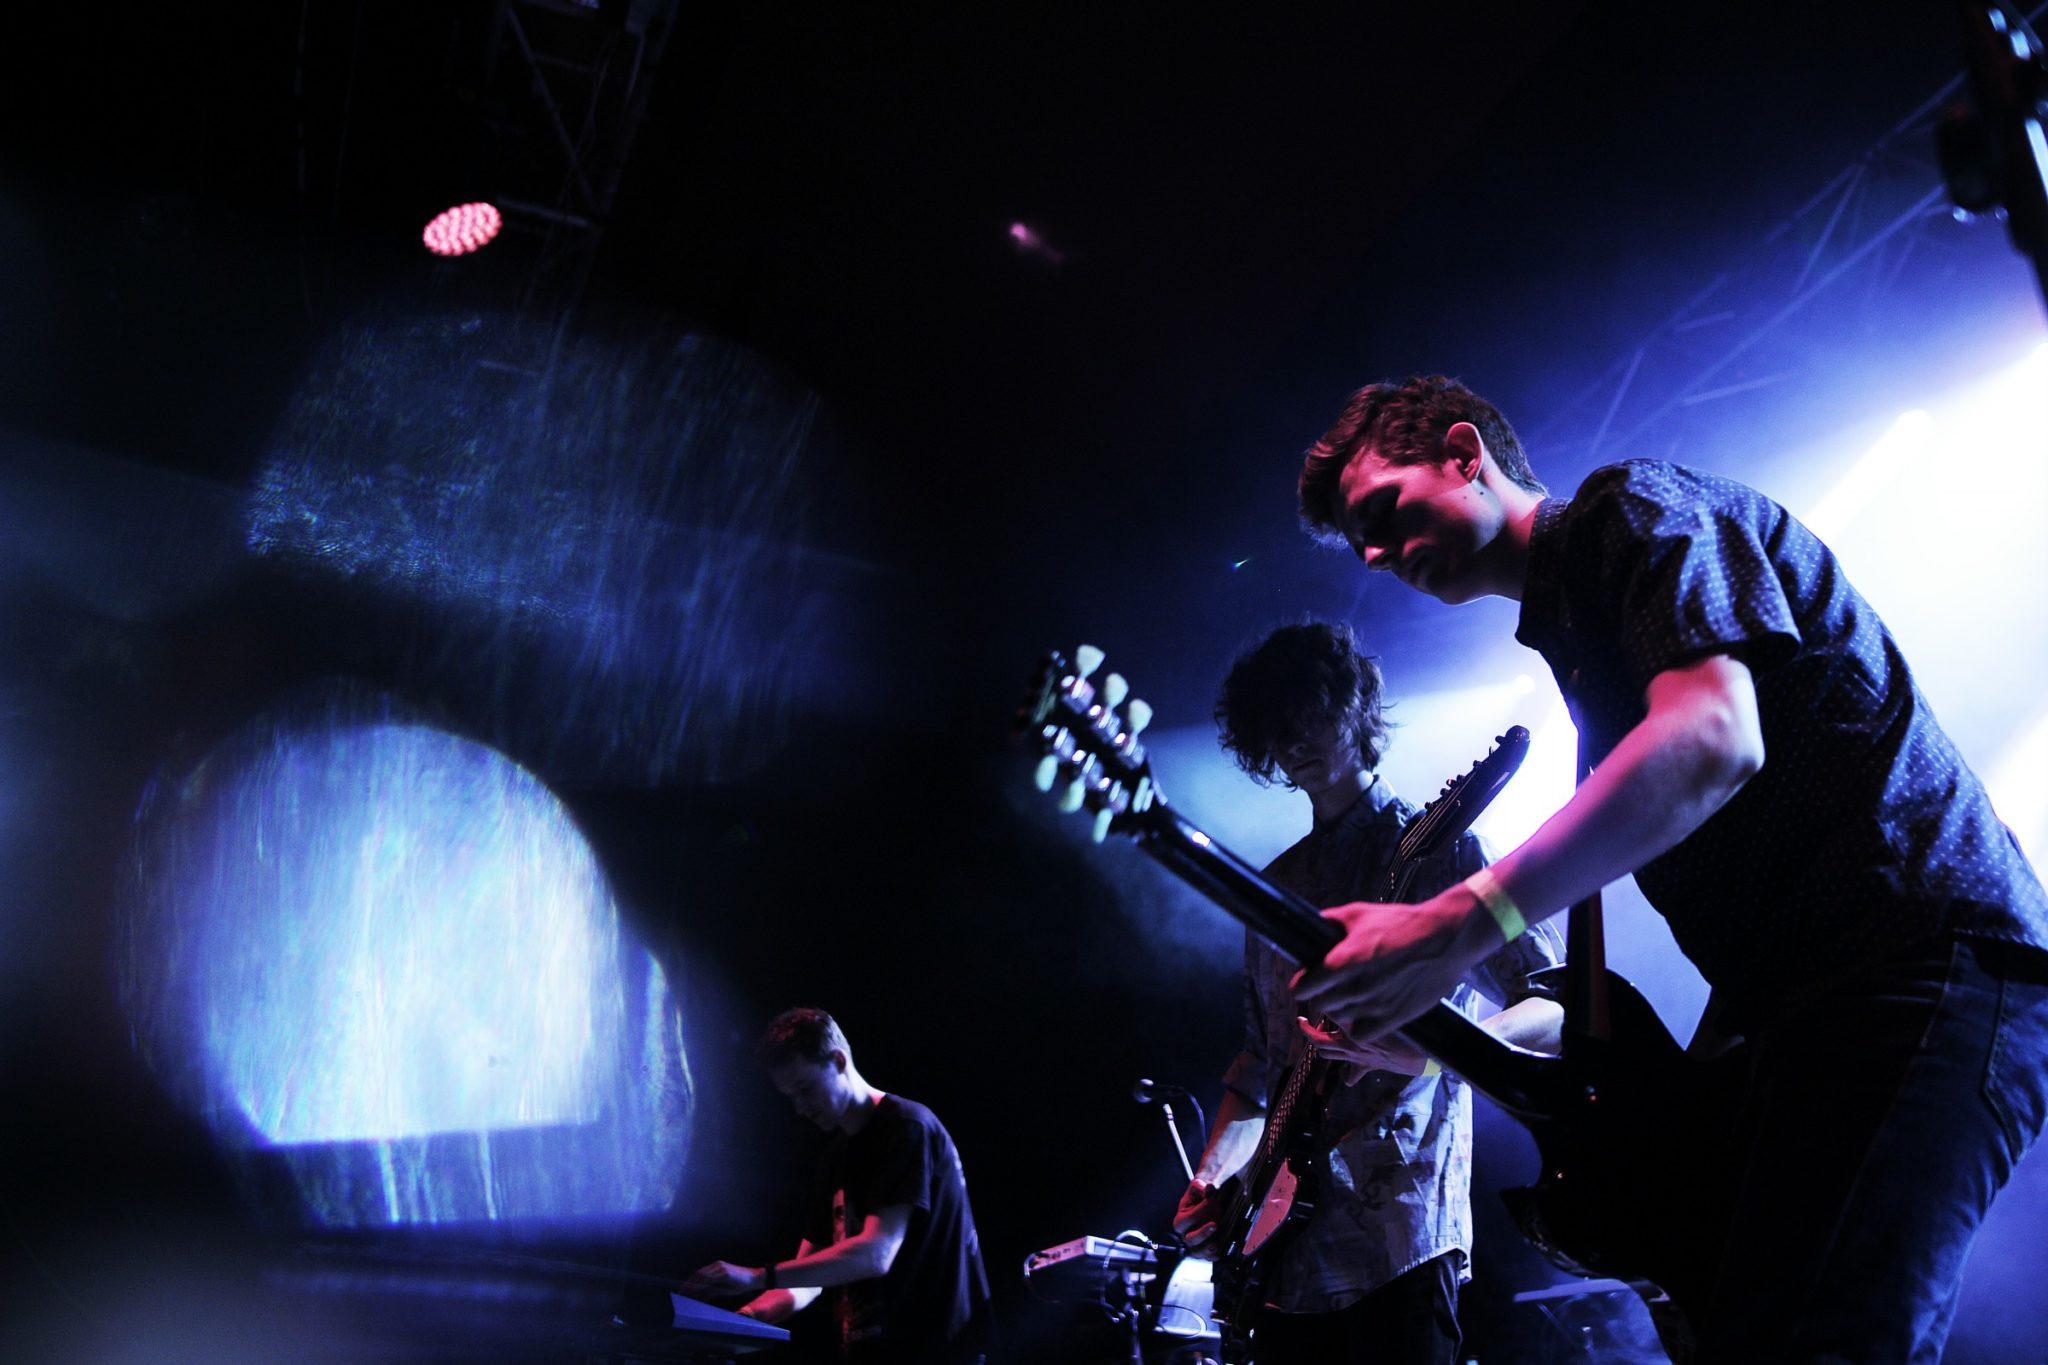 trzech chlopakow na koncercie w niebieskim swietle